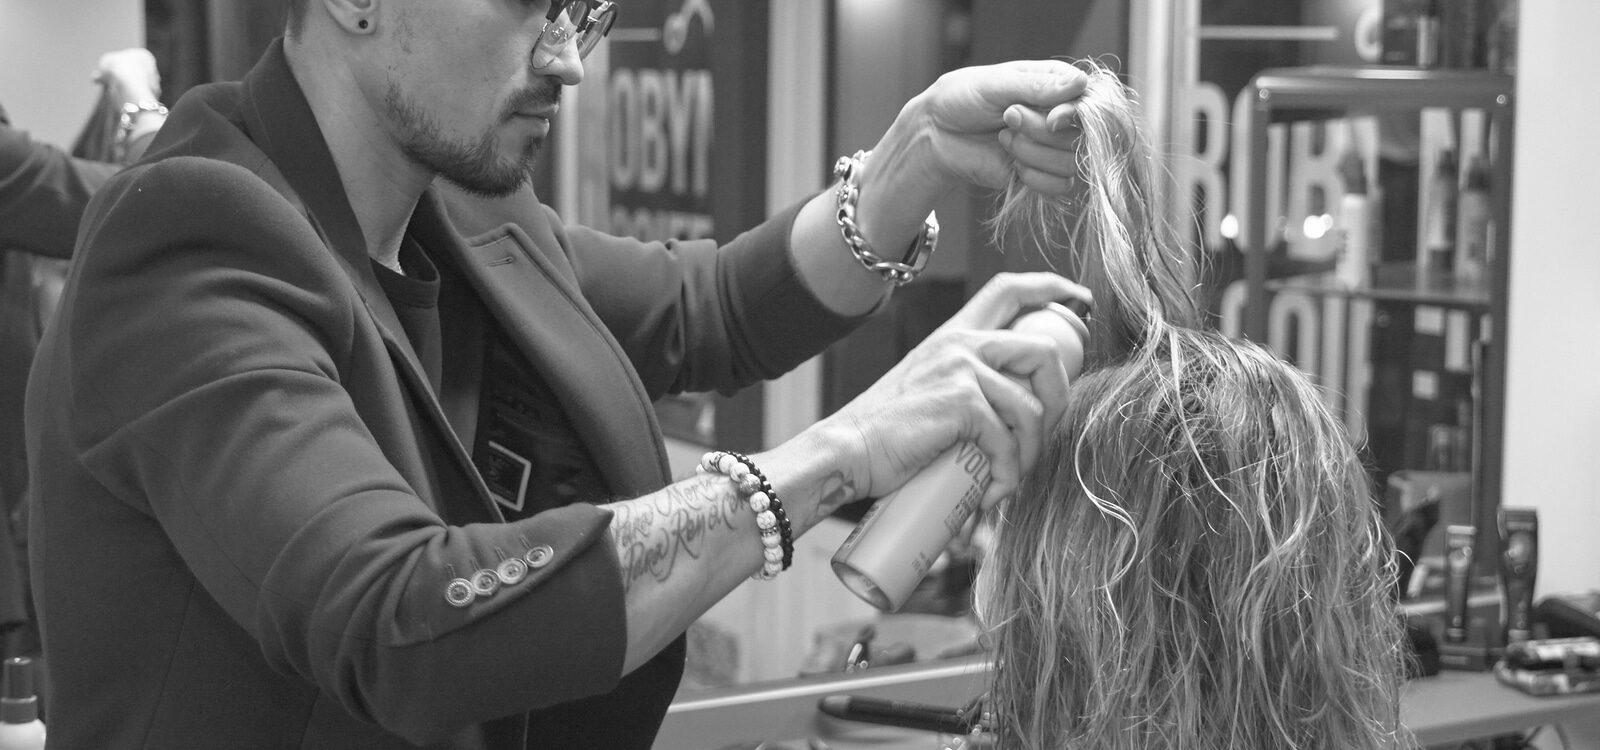 Robynson Hair Artist Coiffeur mouscron belgique